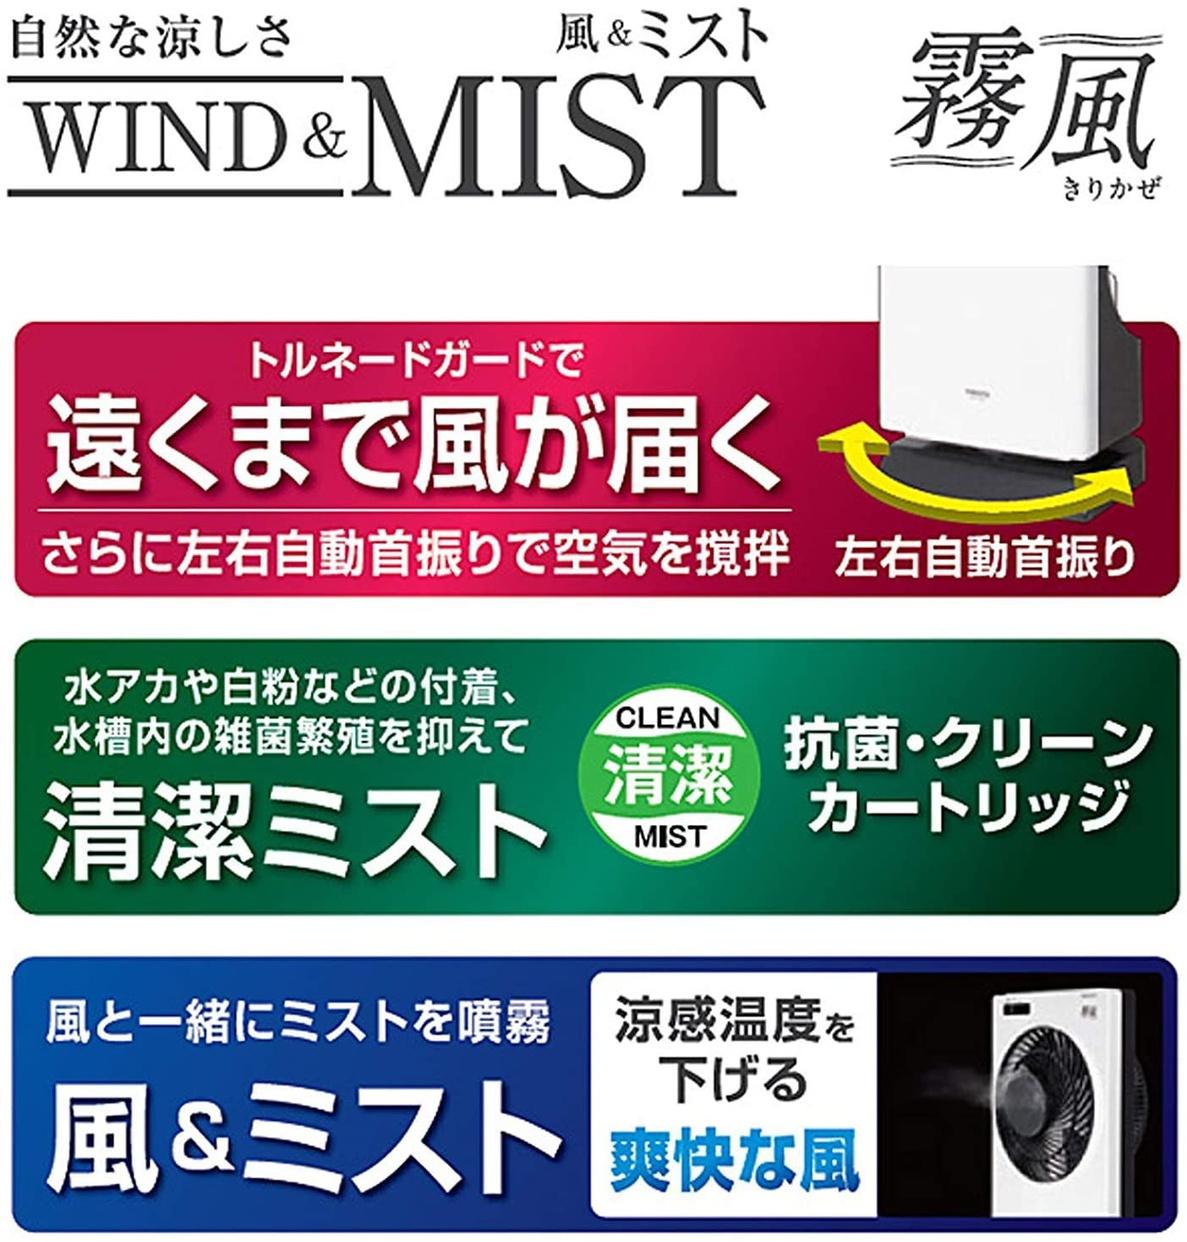 山善(YAMAZEN) ミスティボックス扇風機「霧風」の商品画像3